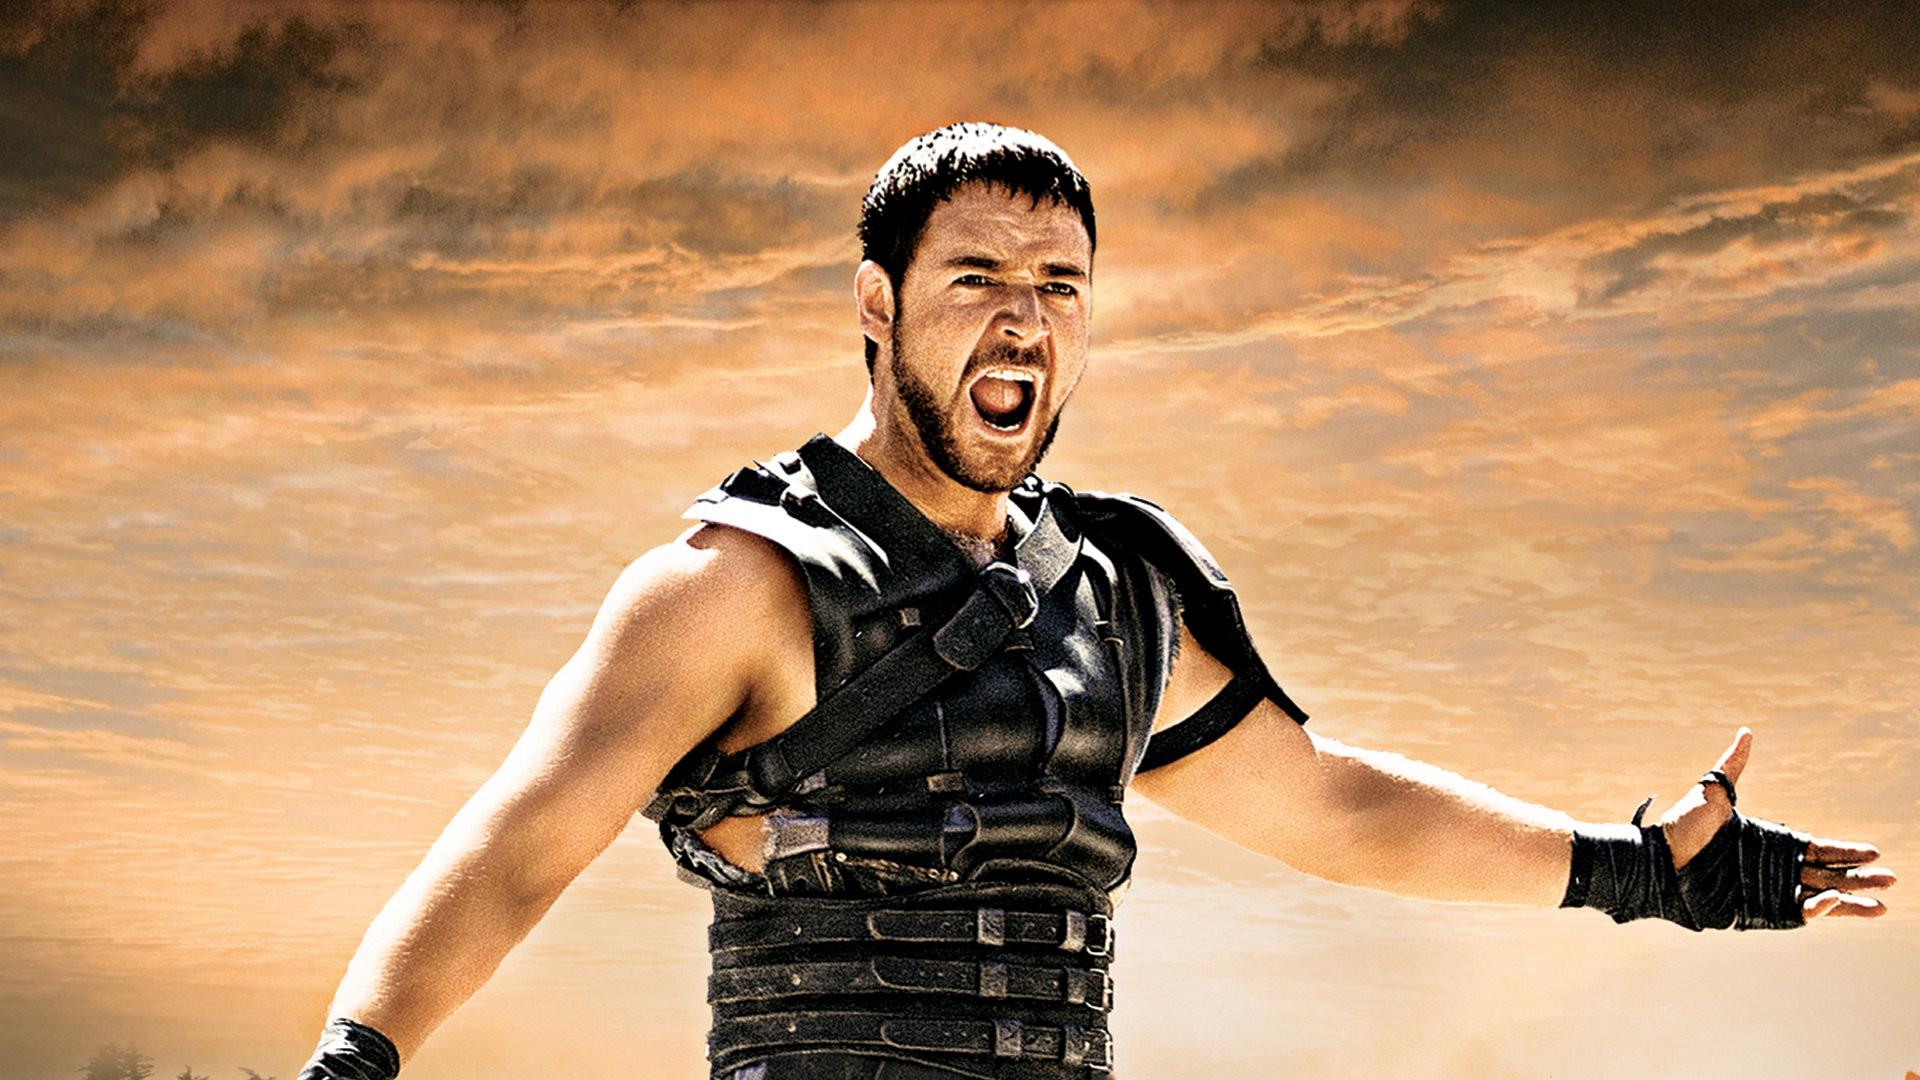 """Nie """"Gladiator"""" a """"Spoceni samce"""", czyli znaczenie tytułu i kwestia tłumaczenia"""